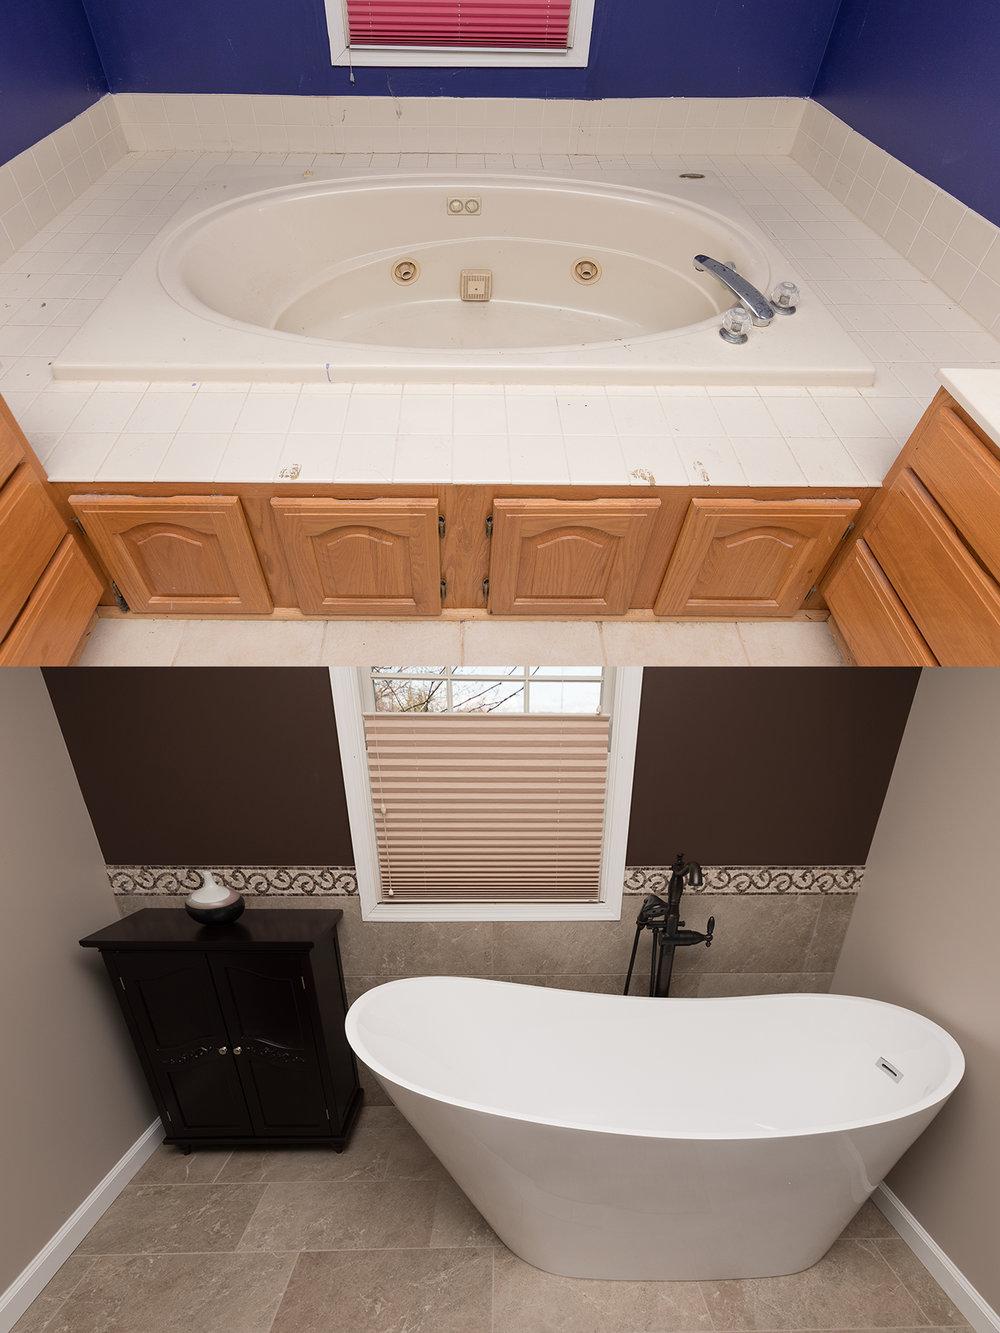 B4&after tub.jpg